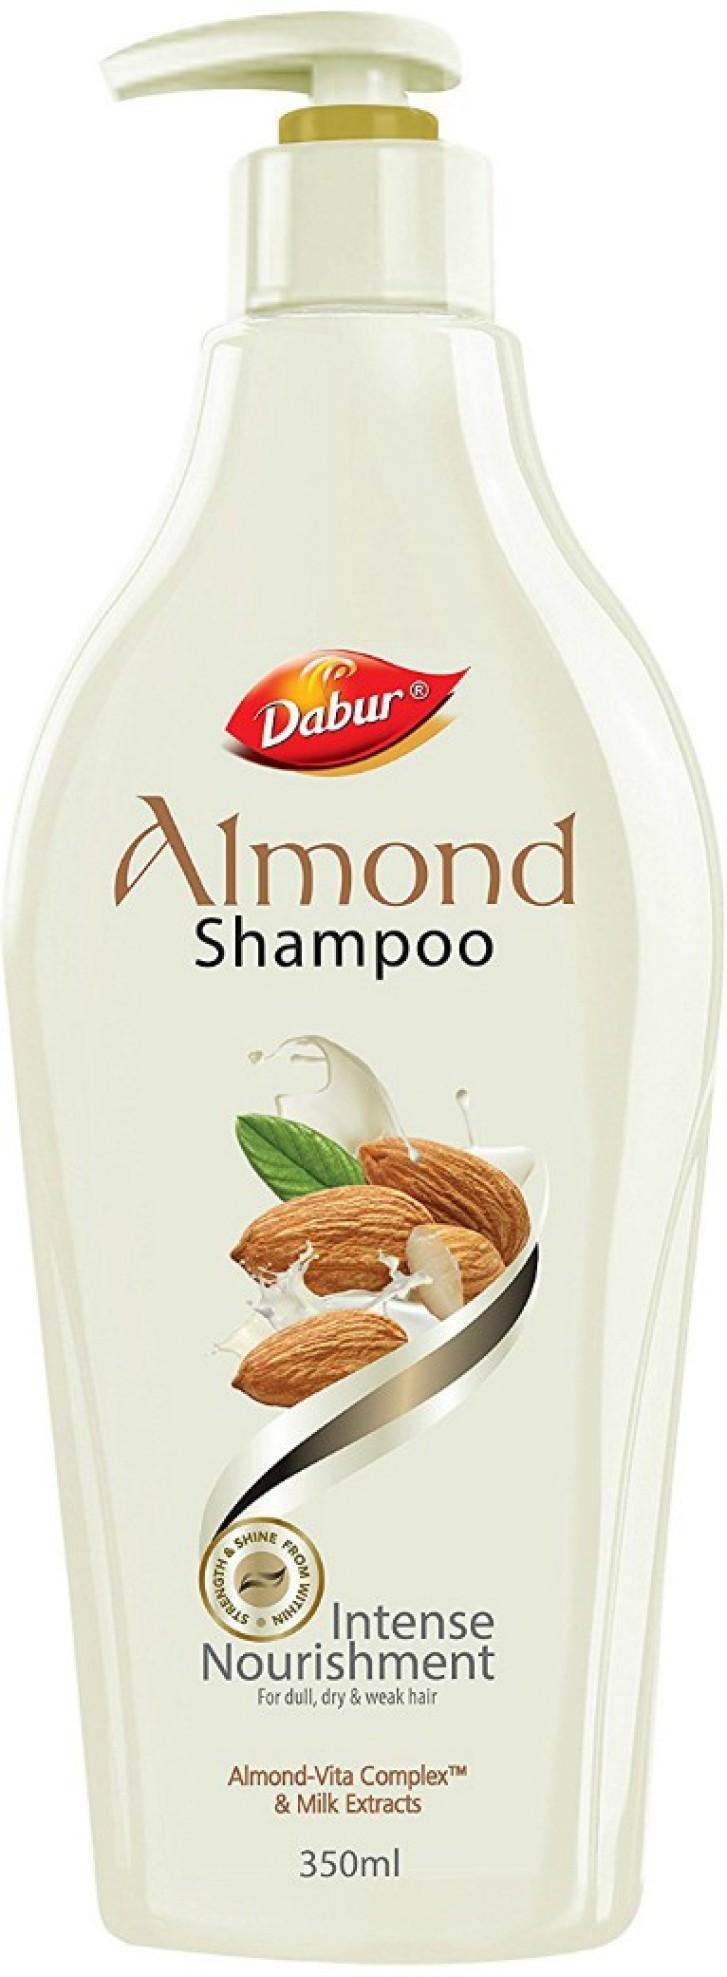 Dabur almond Shampoo 350ml at Rs.67